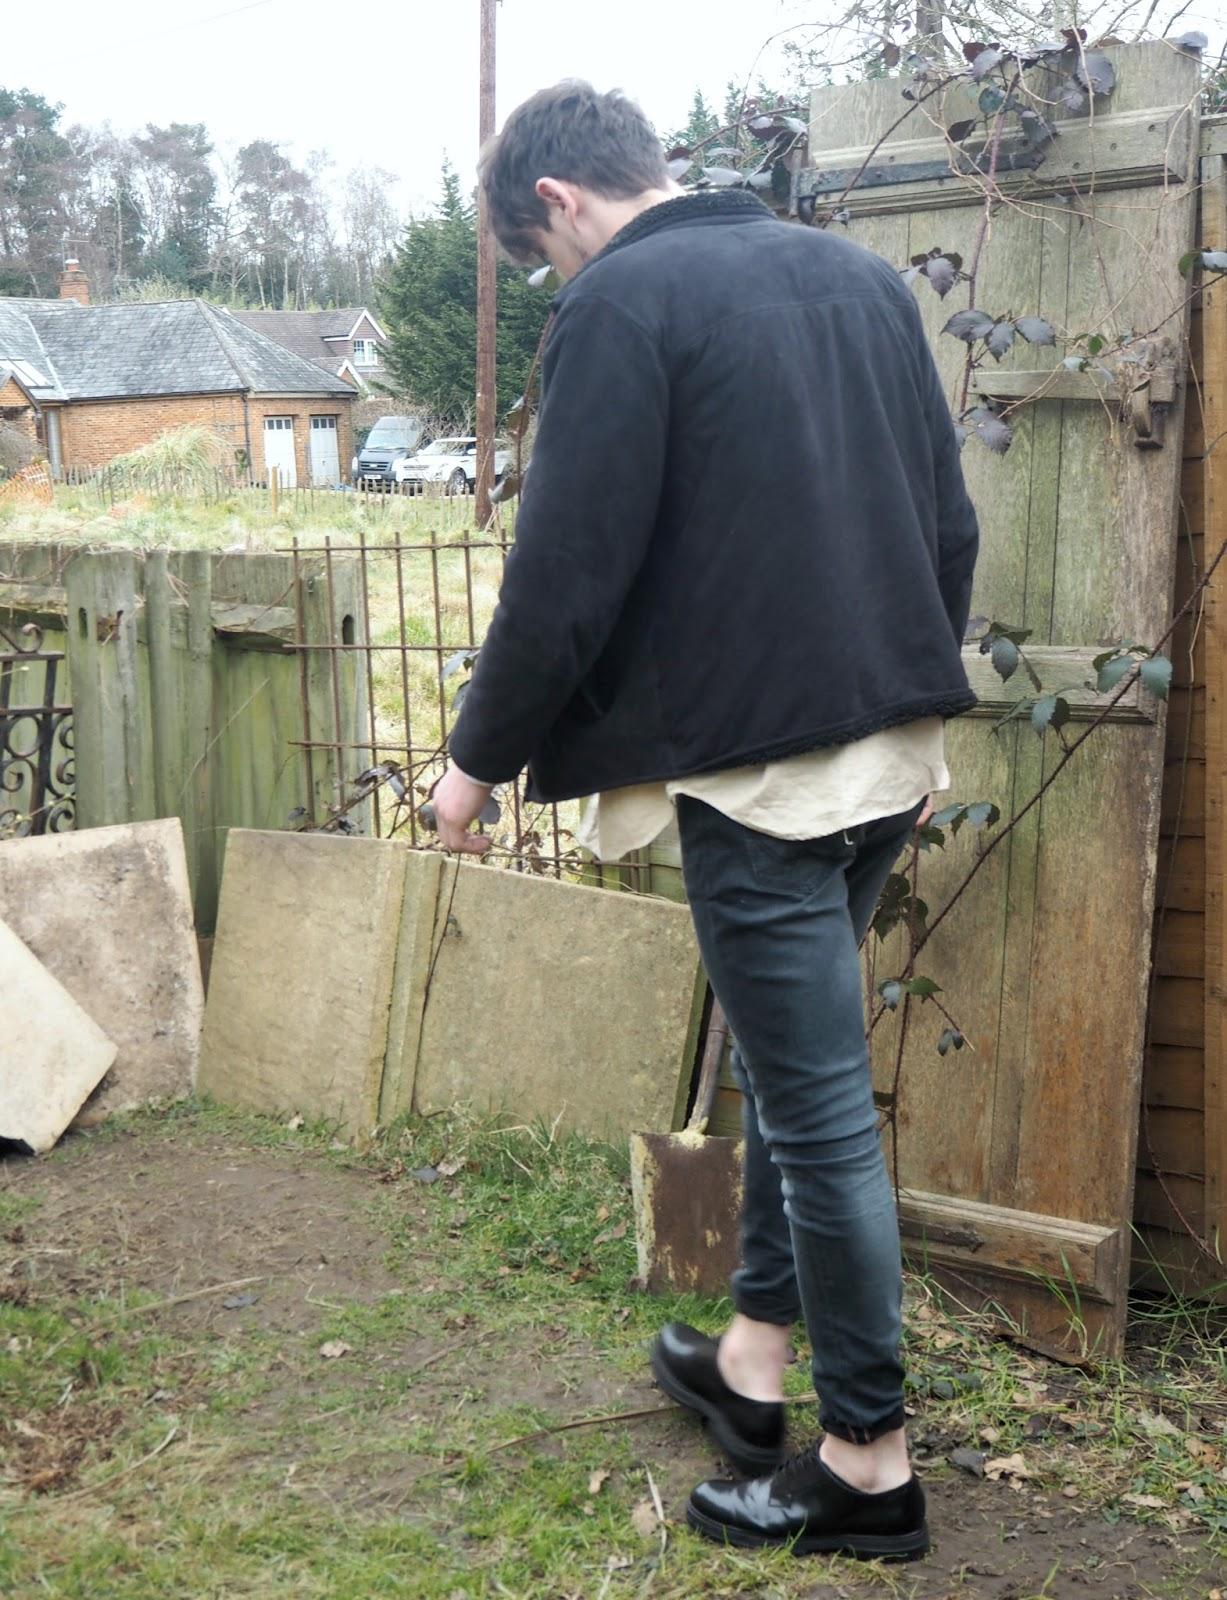 copper-garden-fashion-blogger-menswear-style